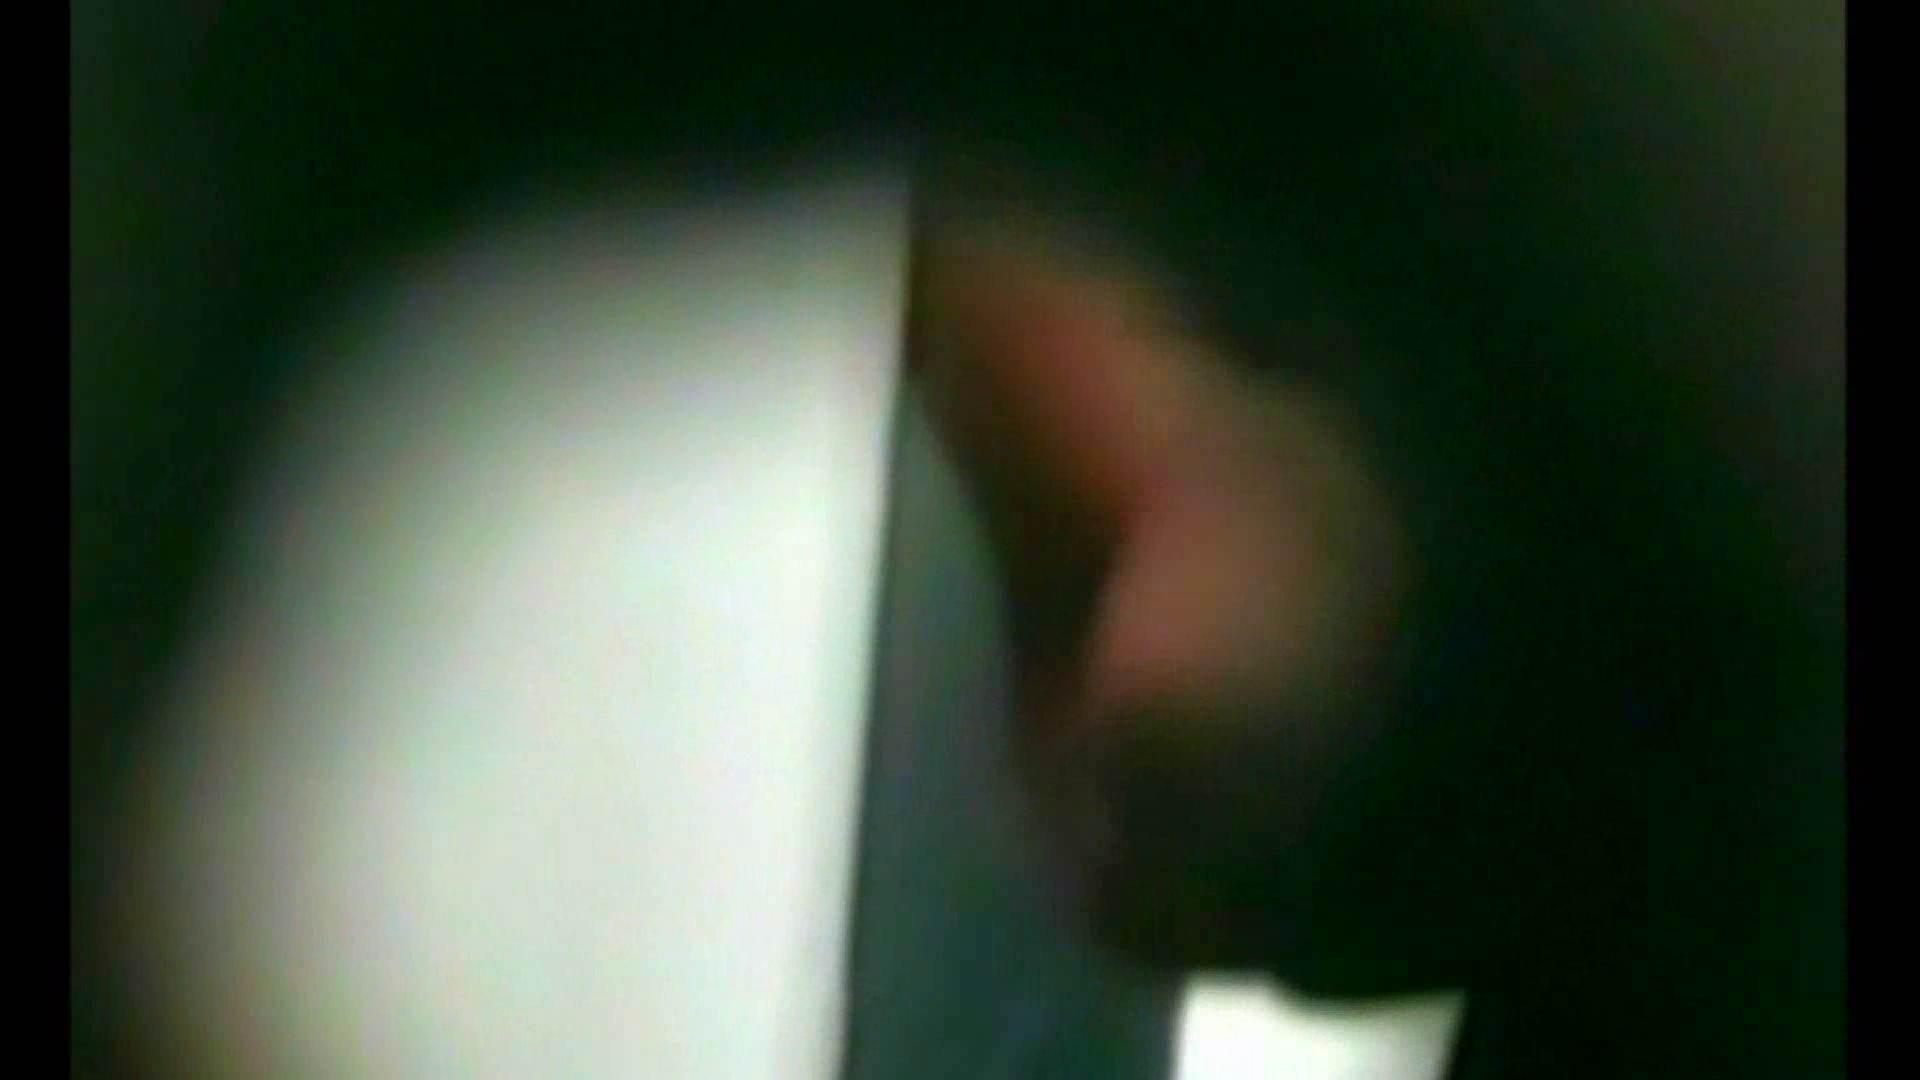 イケメンの素顔in洗面所 Vol.14 男天国 | イケメンのsex  102pic 97